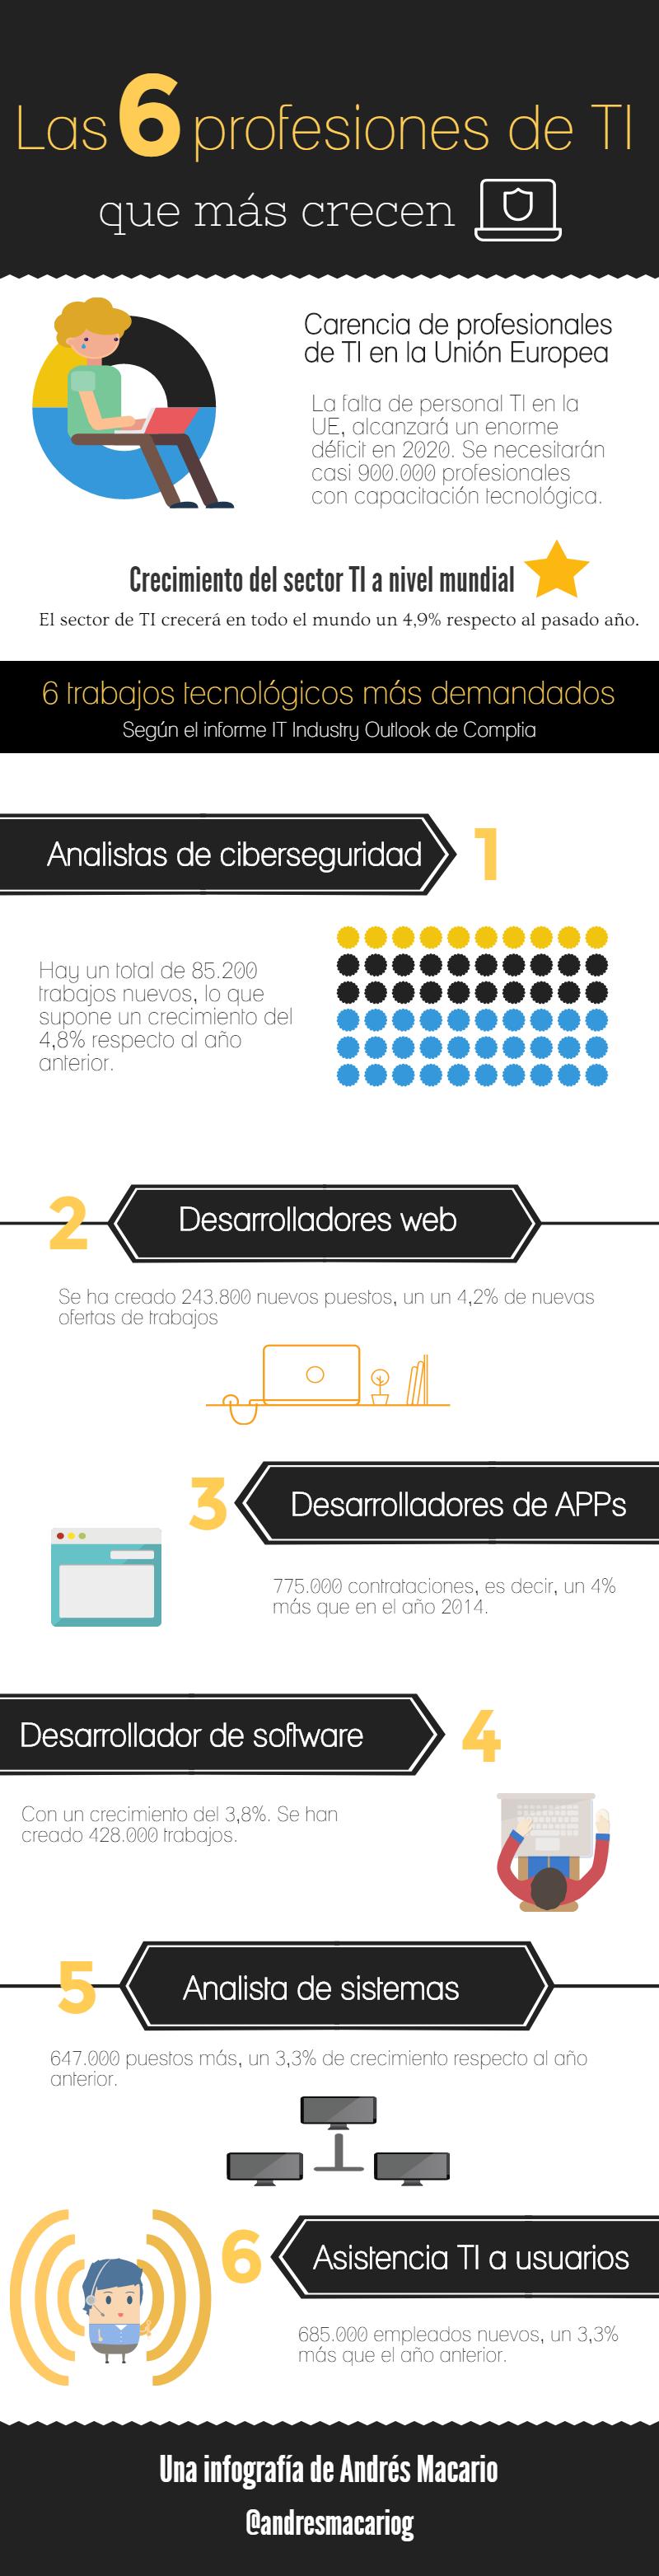 6 profesiones de TI que mas crecen Infografia Andres Macario